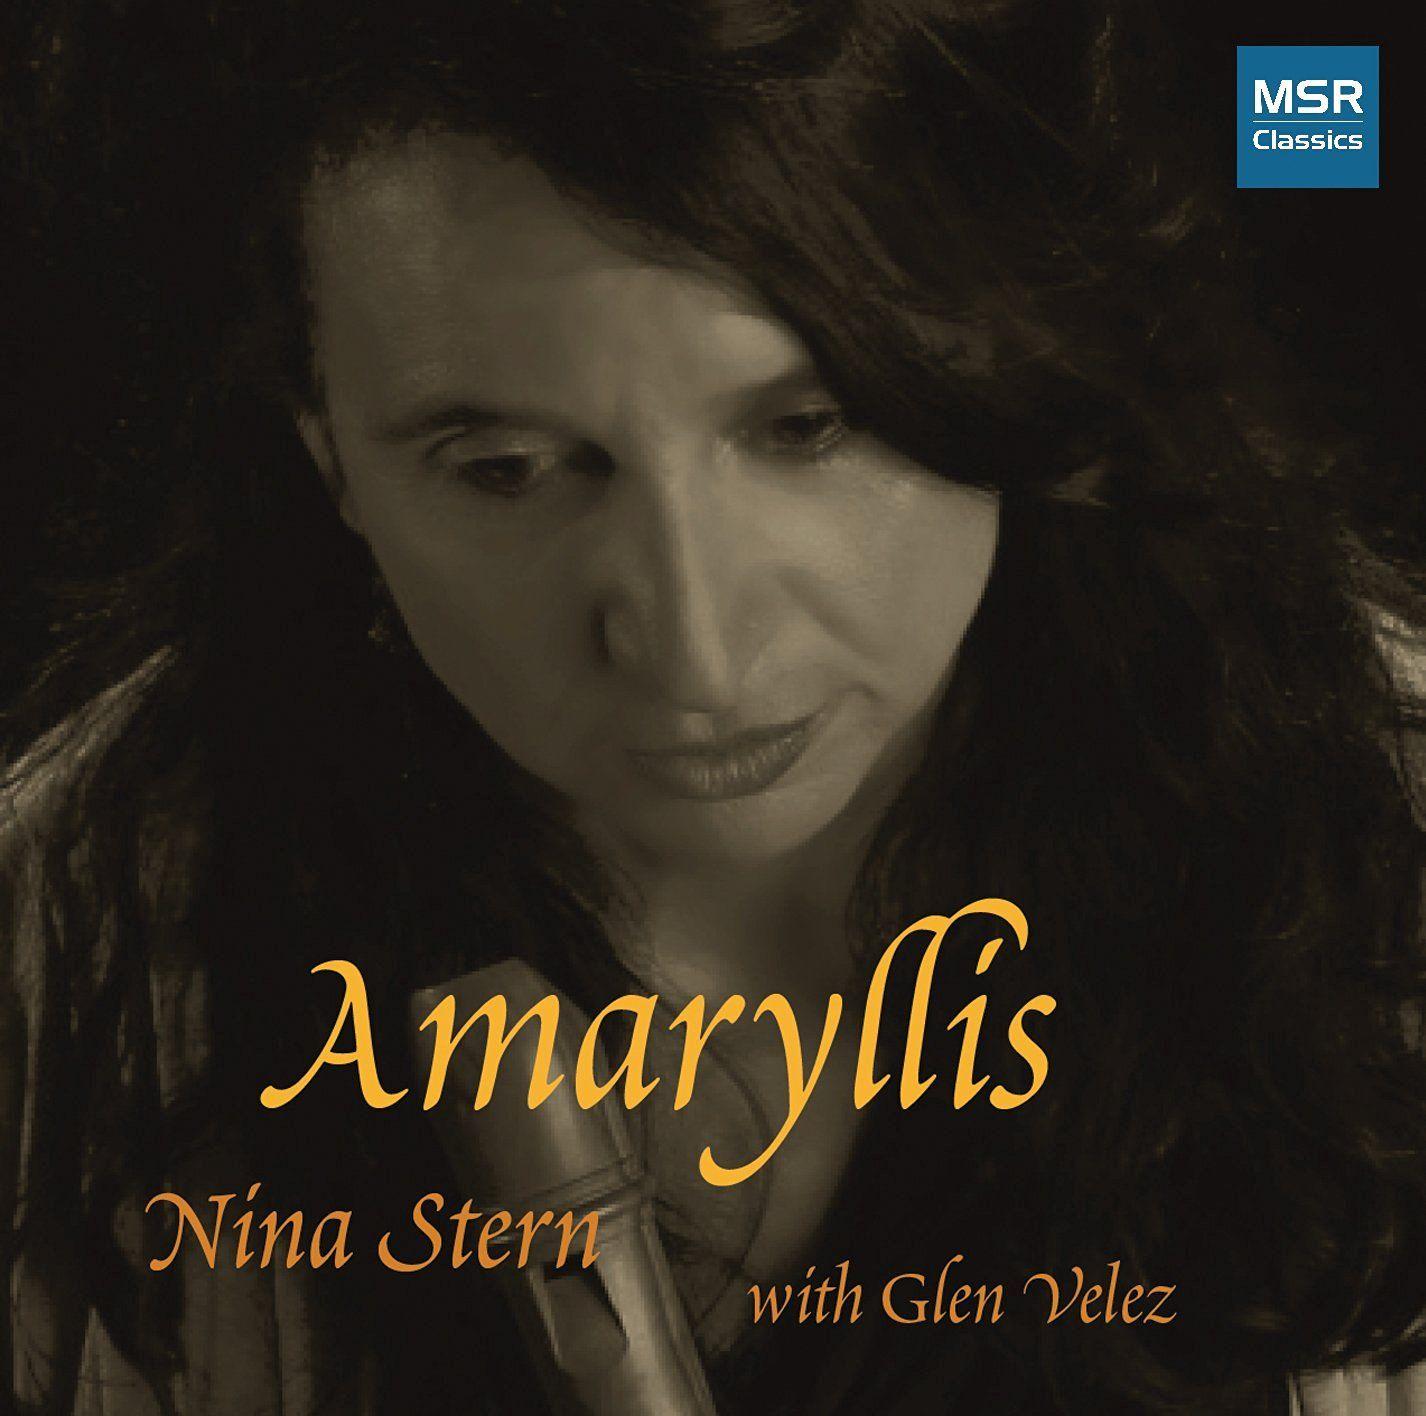 Nina Stern & Glen Velez - AMARYLLIS